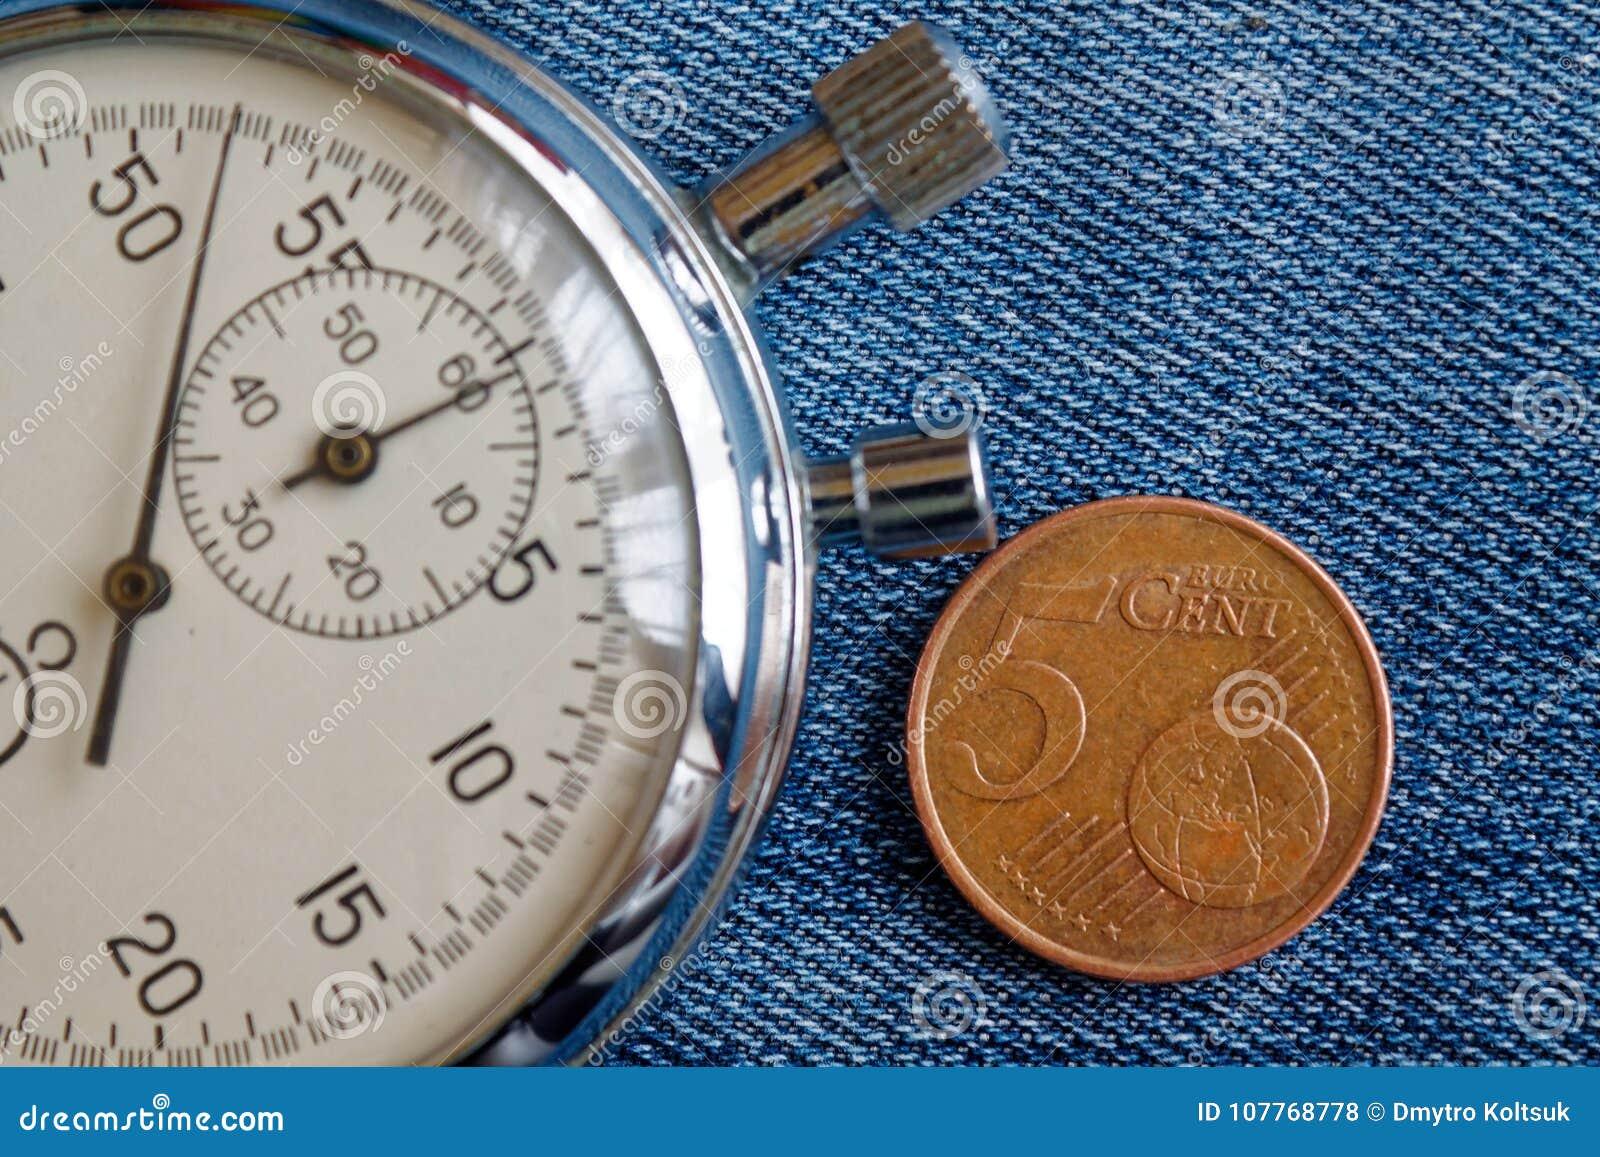 与5块欧分和秒表的衡量单位的欧洲硬币在破旧的蓝色牛仔布背景-企业背景